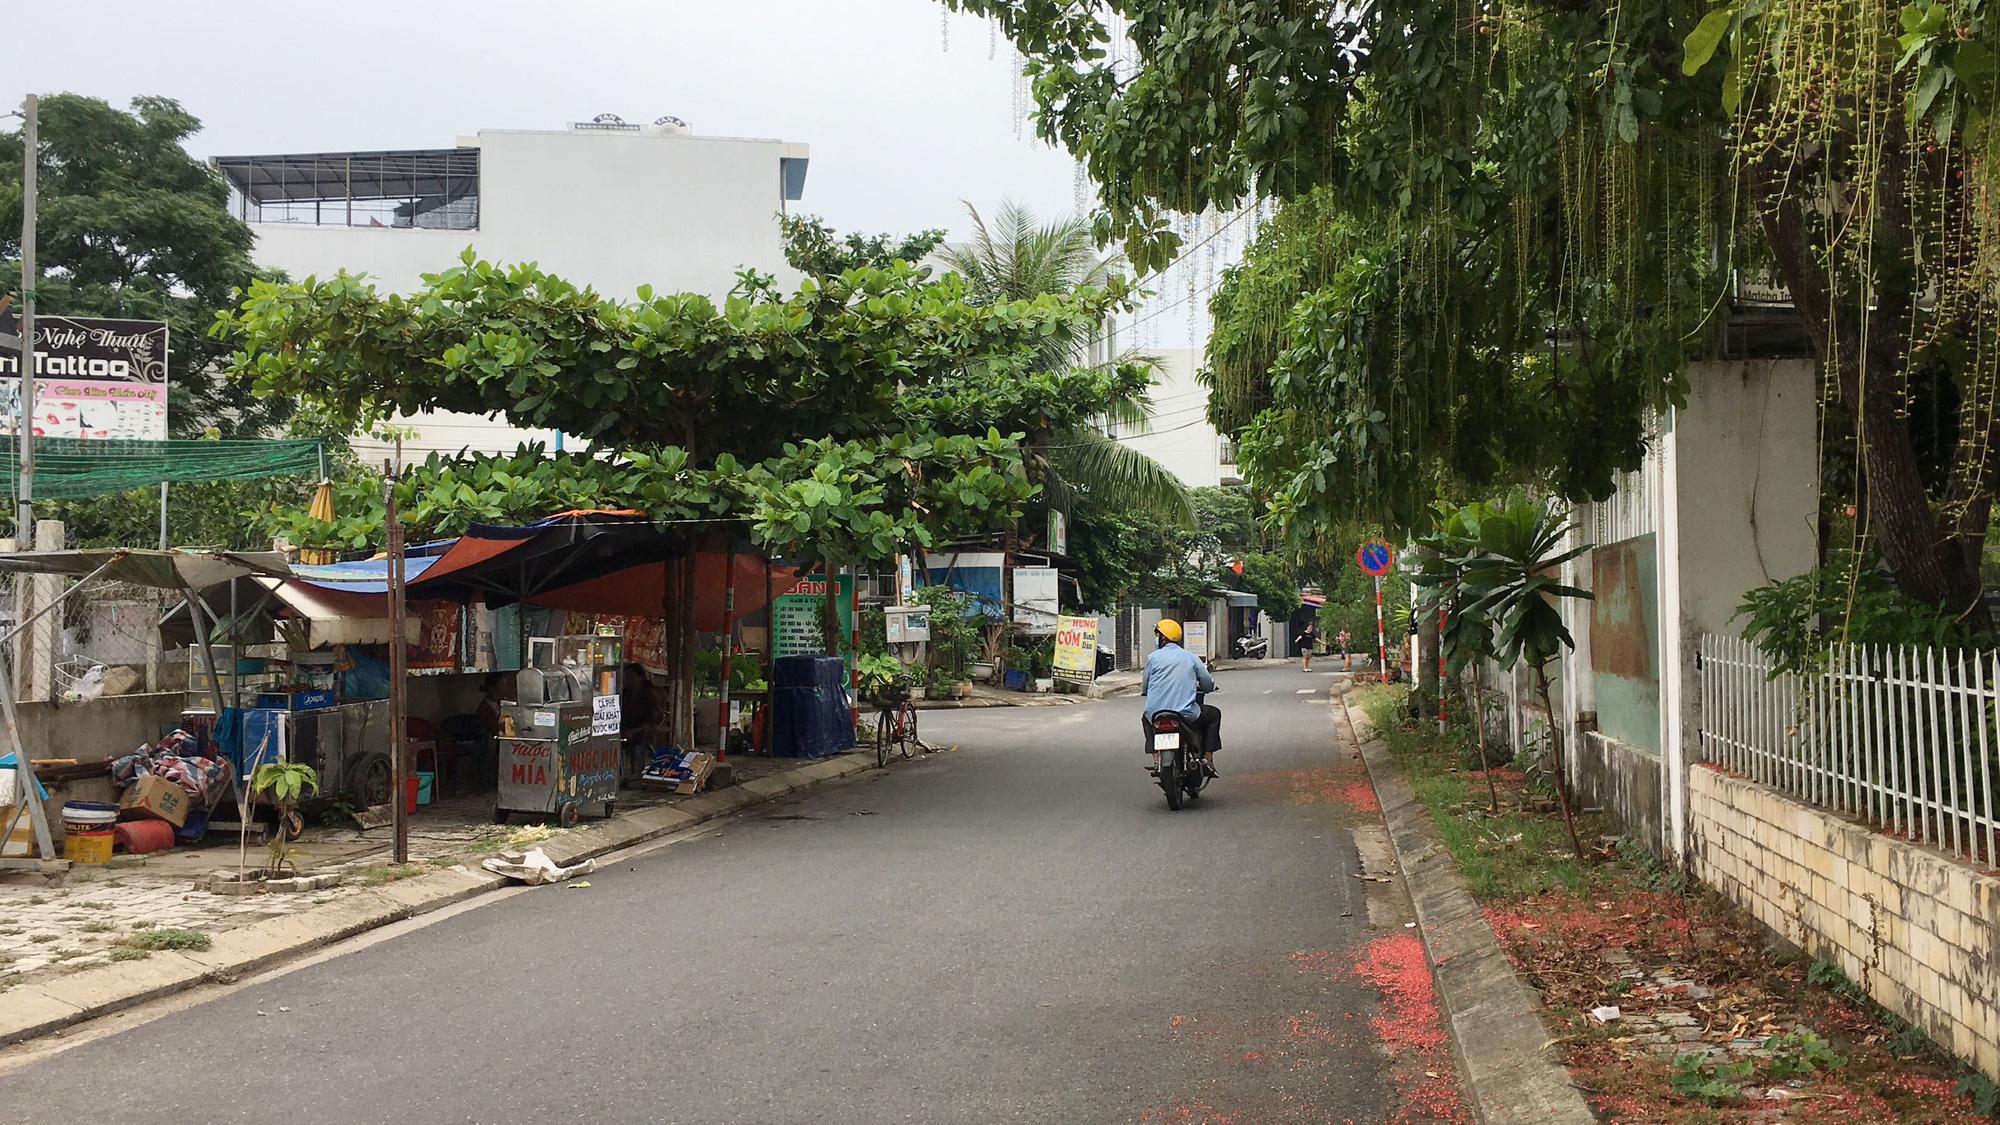 Cận cảnh hai khu đất sát Vincom Đà Nẵng sẽ đấu giá làm bãi đỗ xe - Ảnh 10.